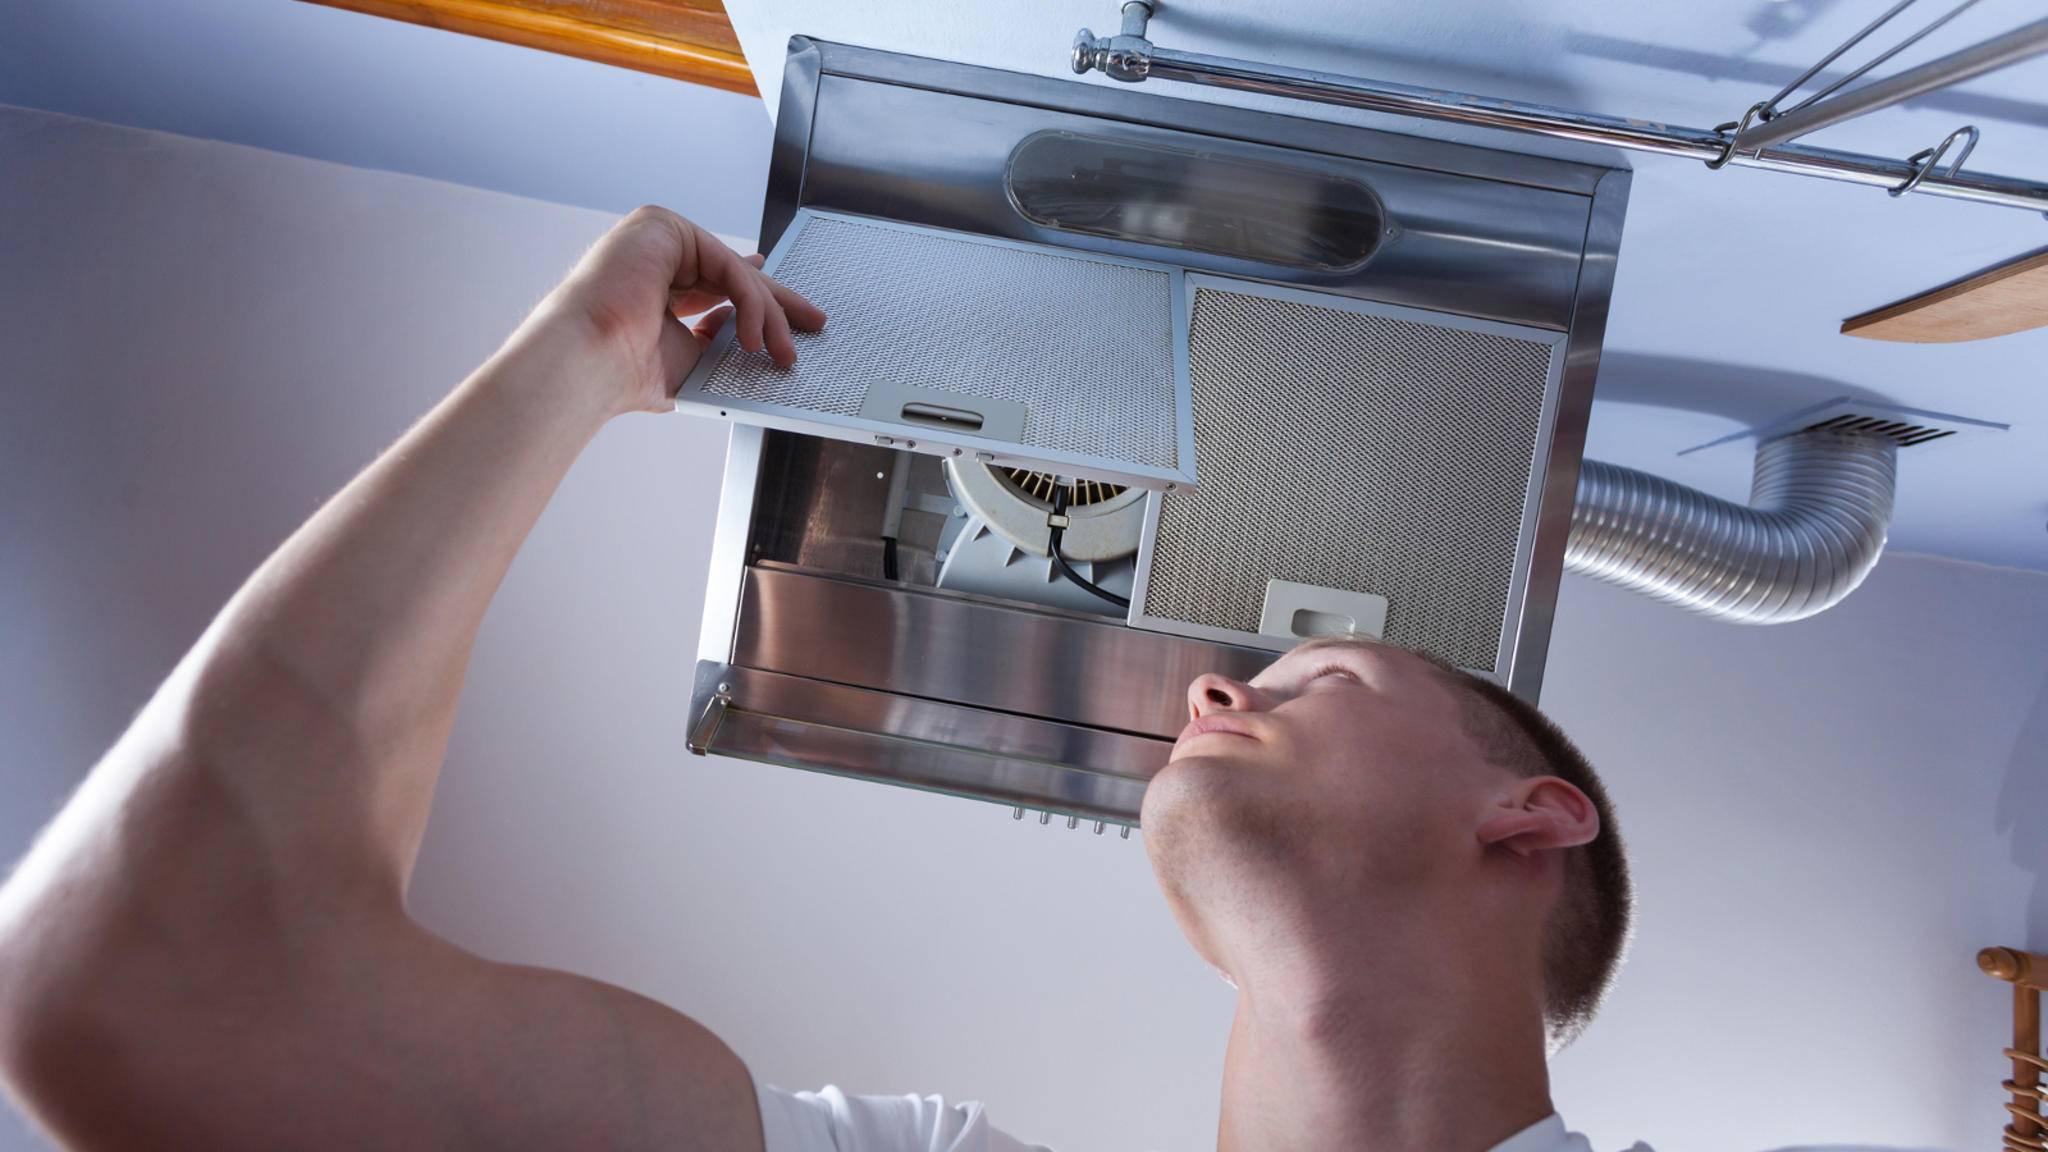 Dunstabzugshaube reinigen tipps die filter co glänzen lassen